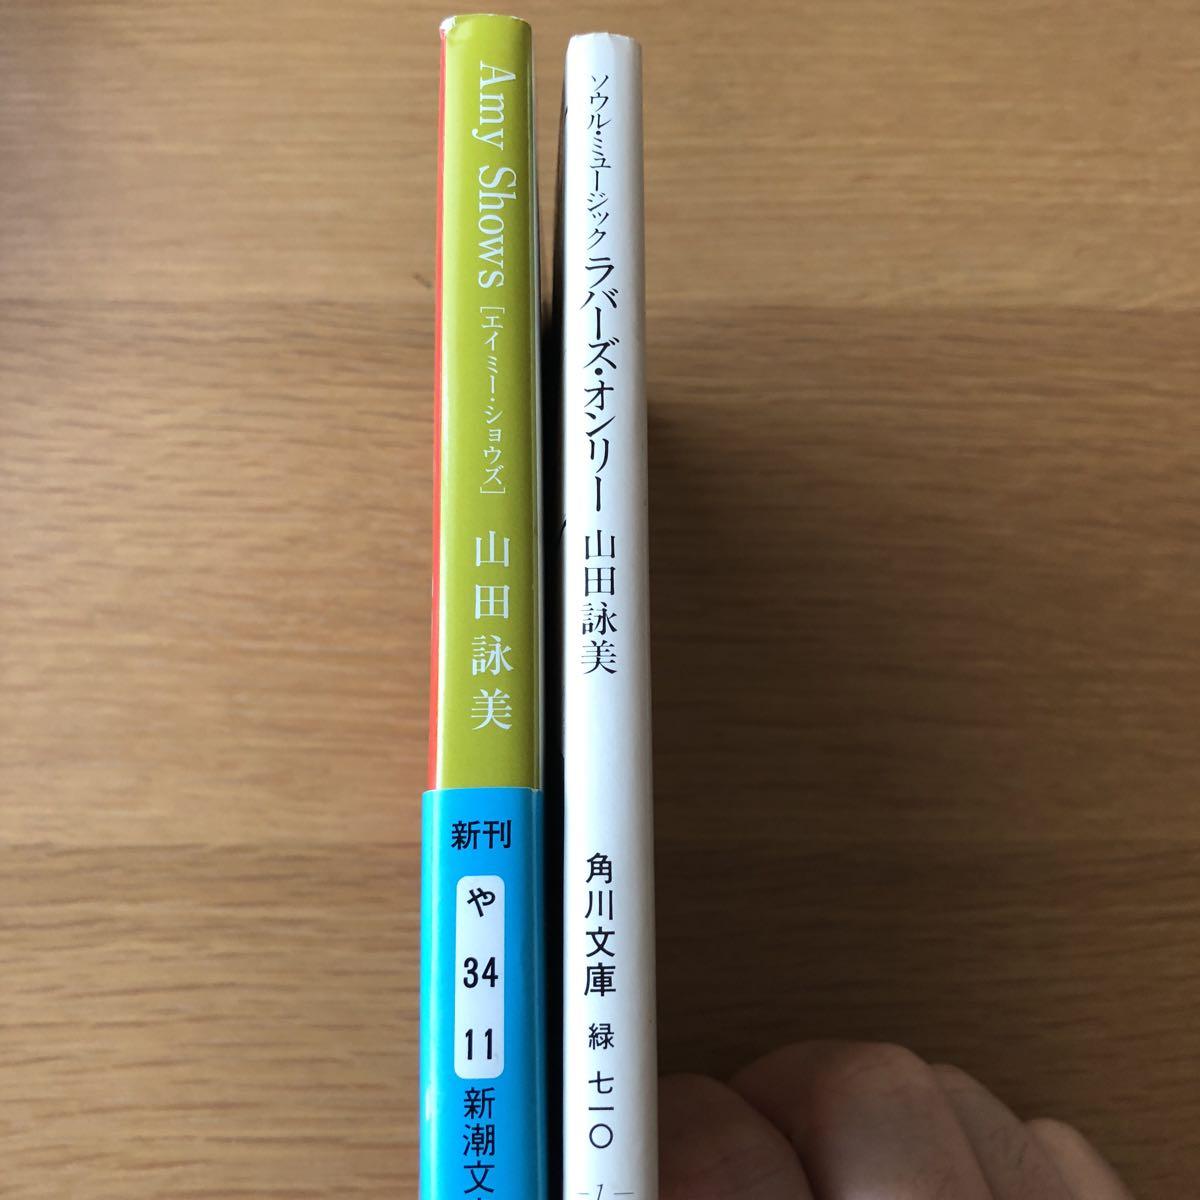 山田詠美 新潮文庫 エイミー・ショウズ/角川文庫 ラバーズ・オンリー 2冊_画像3